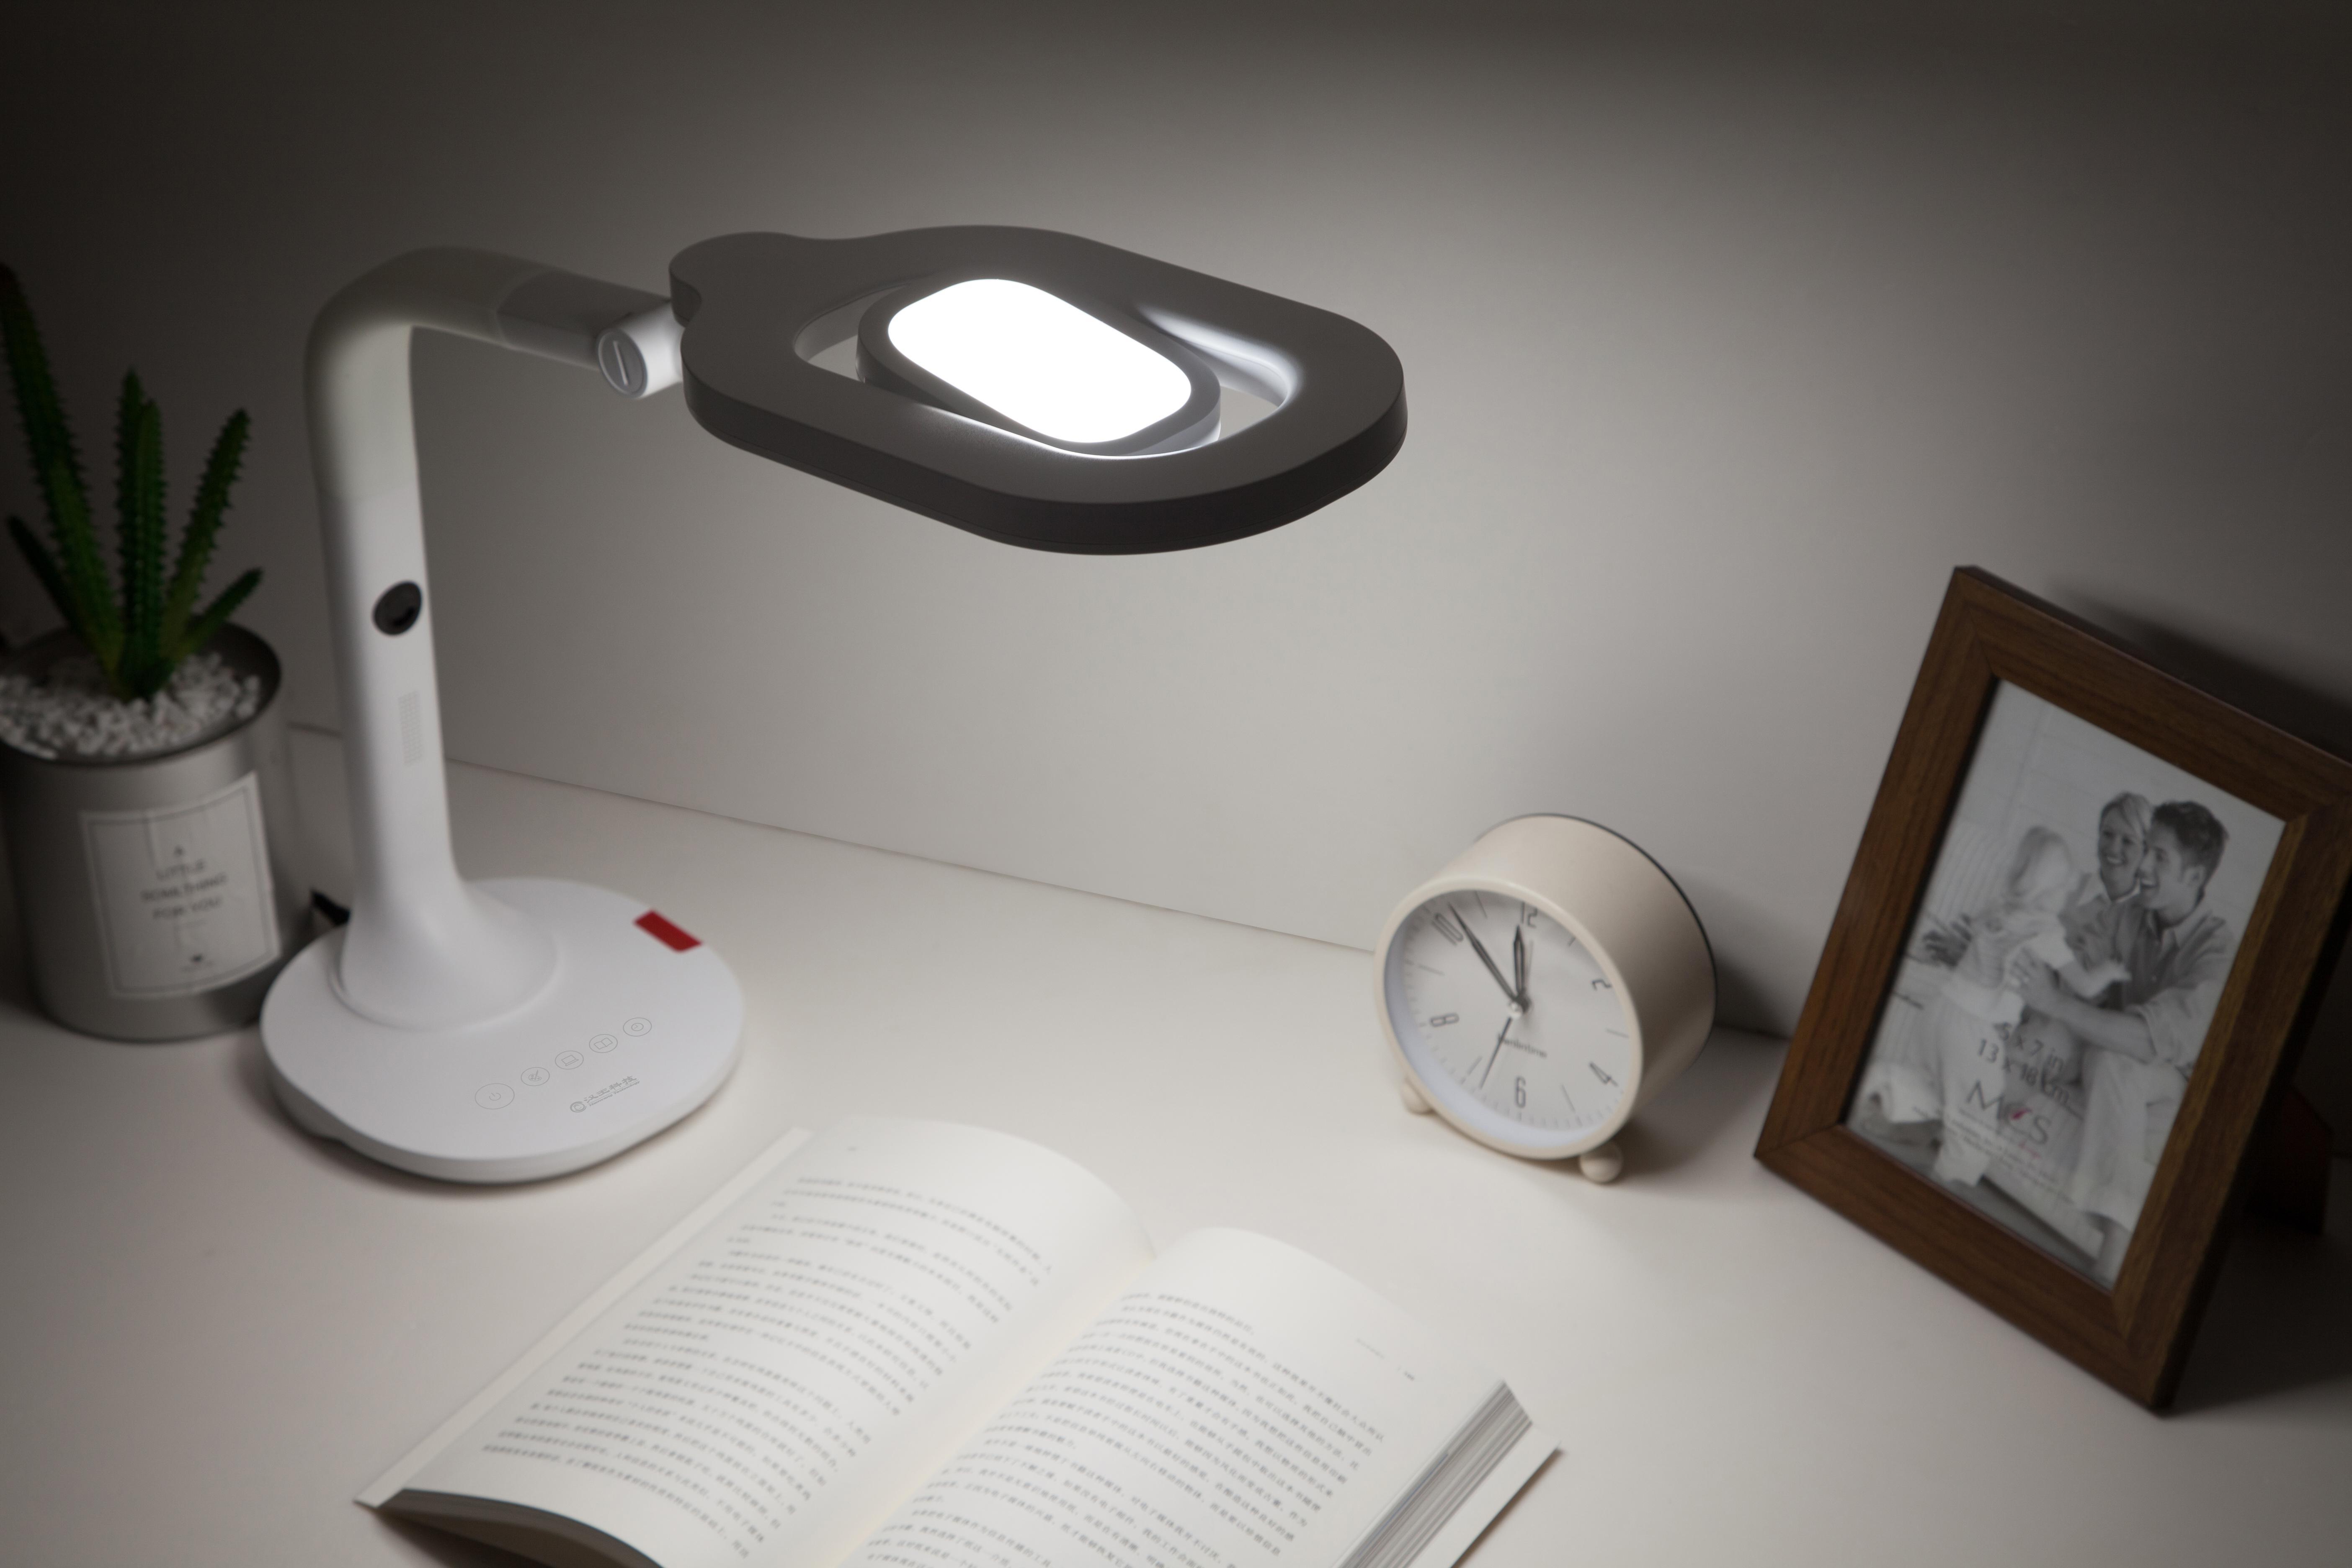 更懂光的语言,汉王智能台灯开启智能护眼新时代